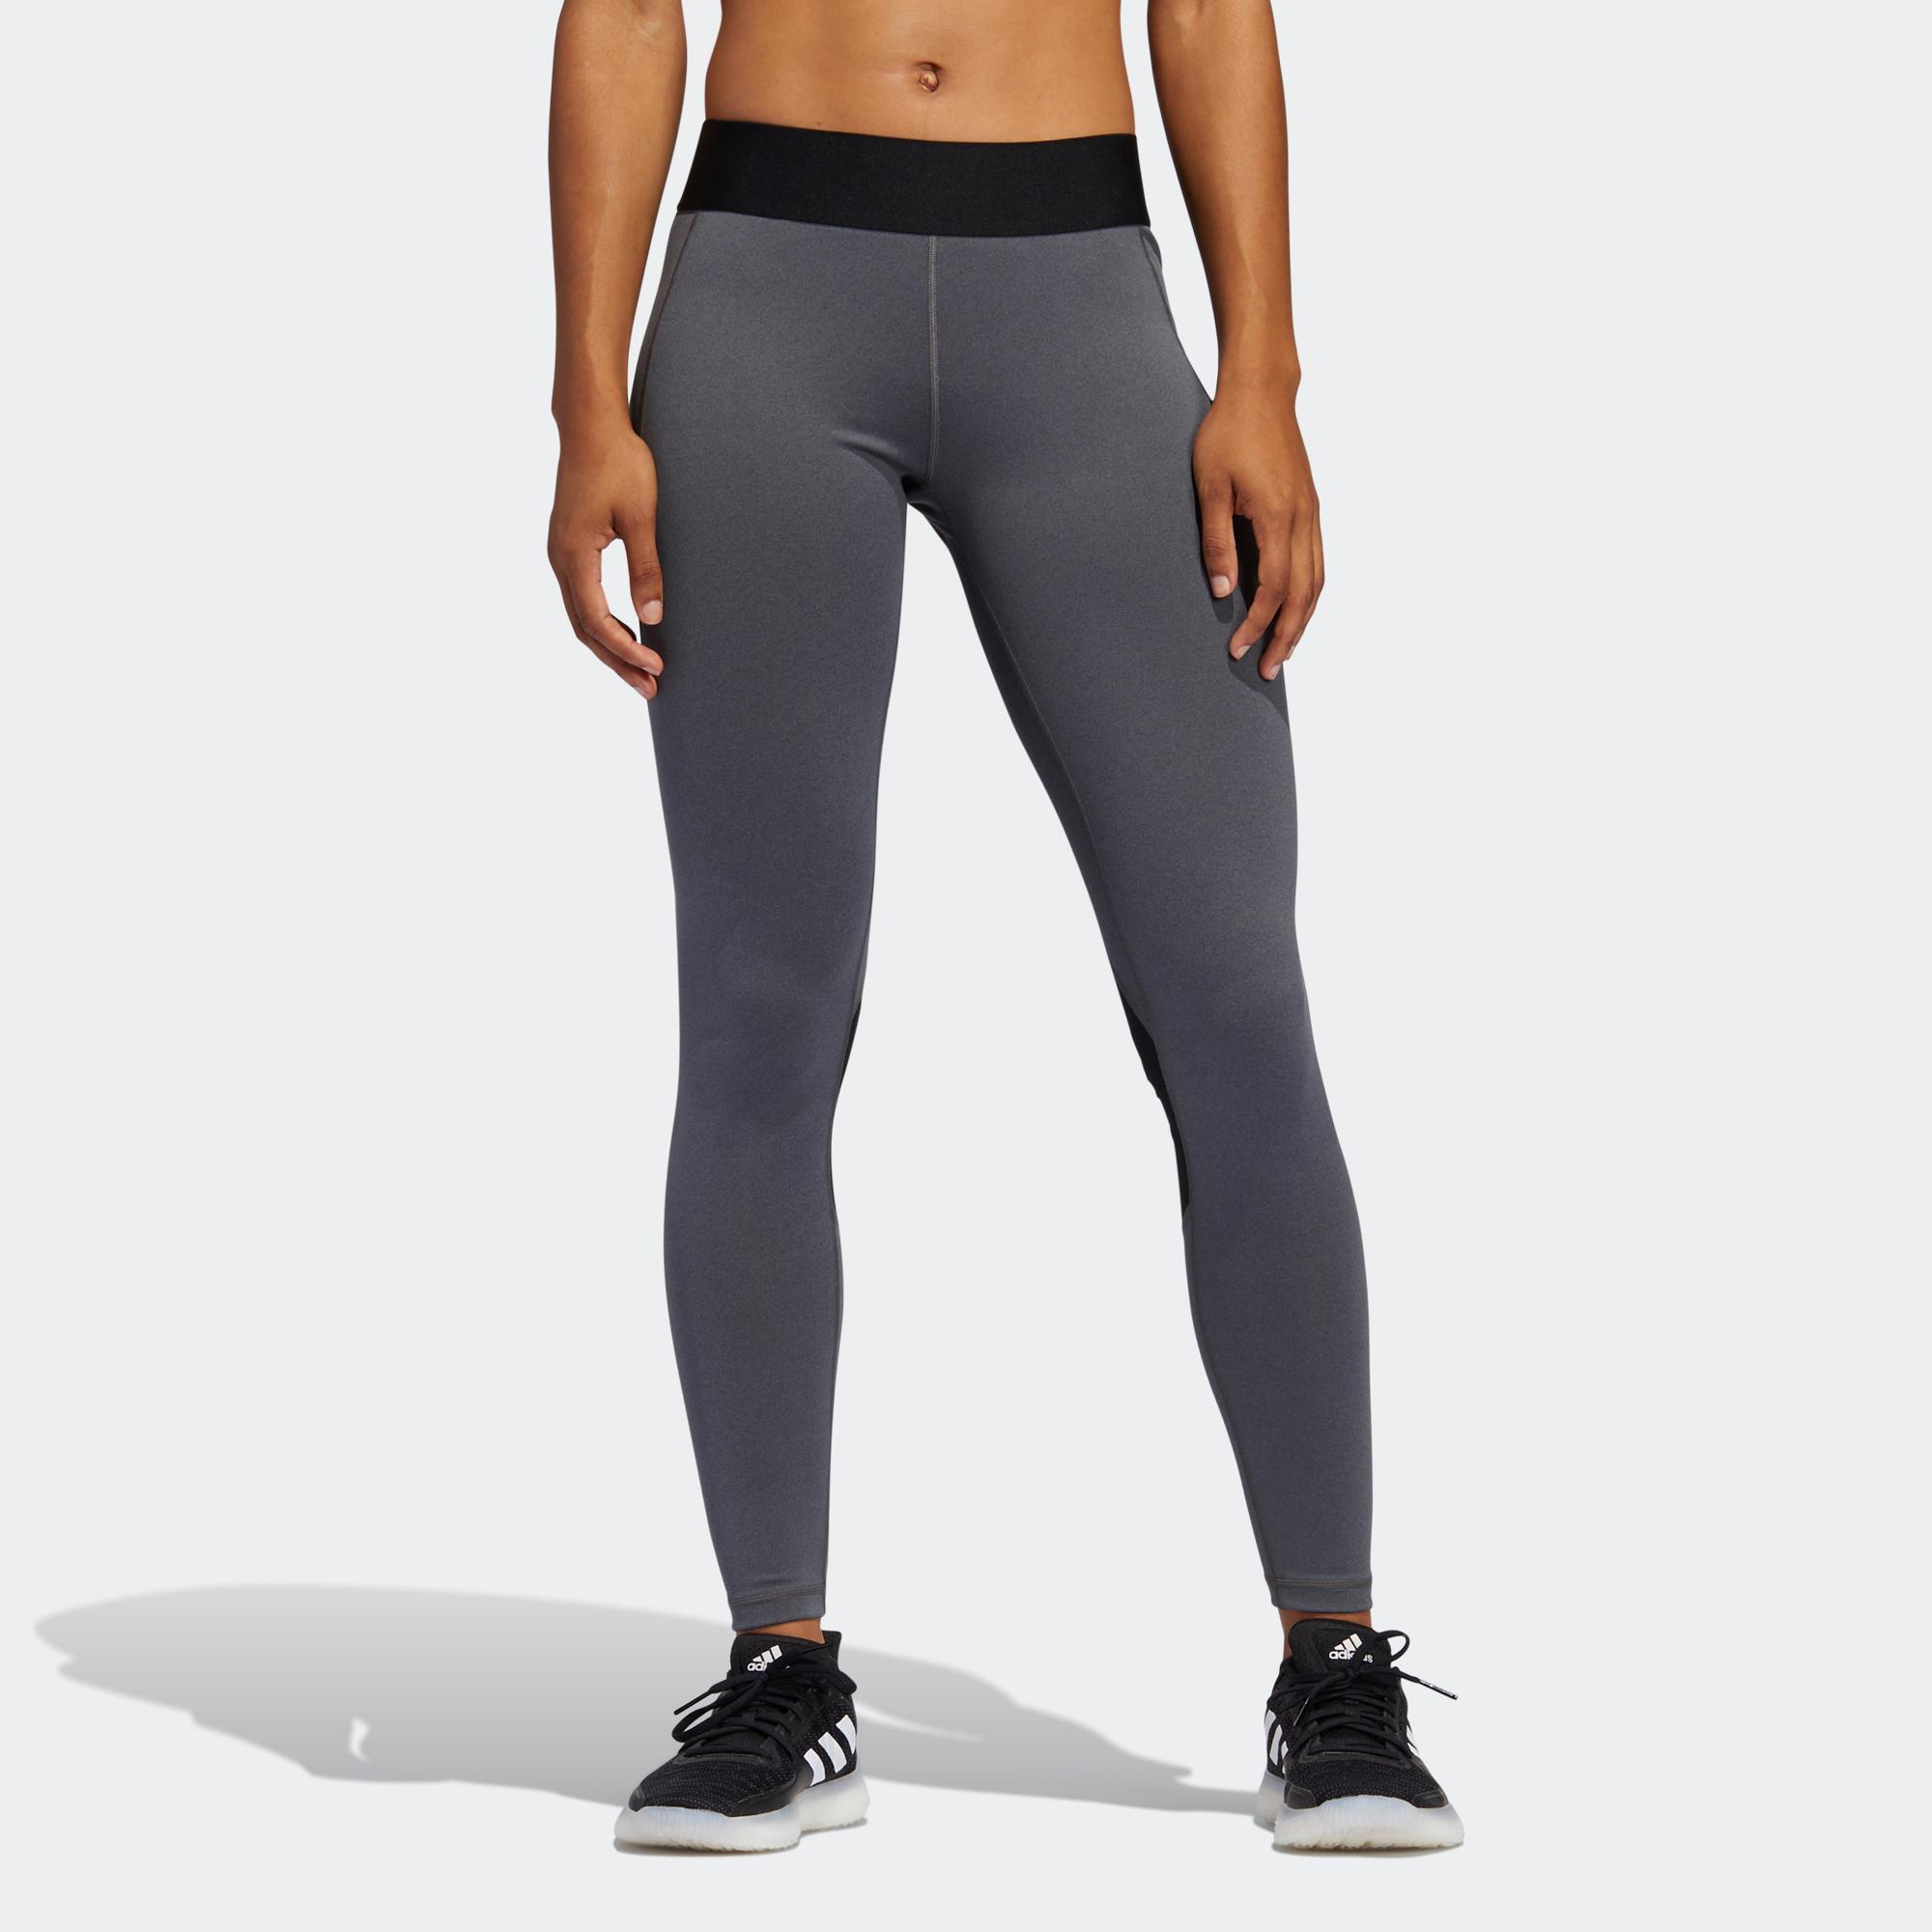 Colanţi Fitness Adidas Damă imagine